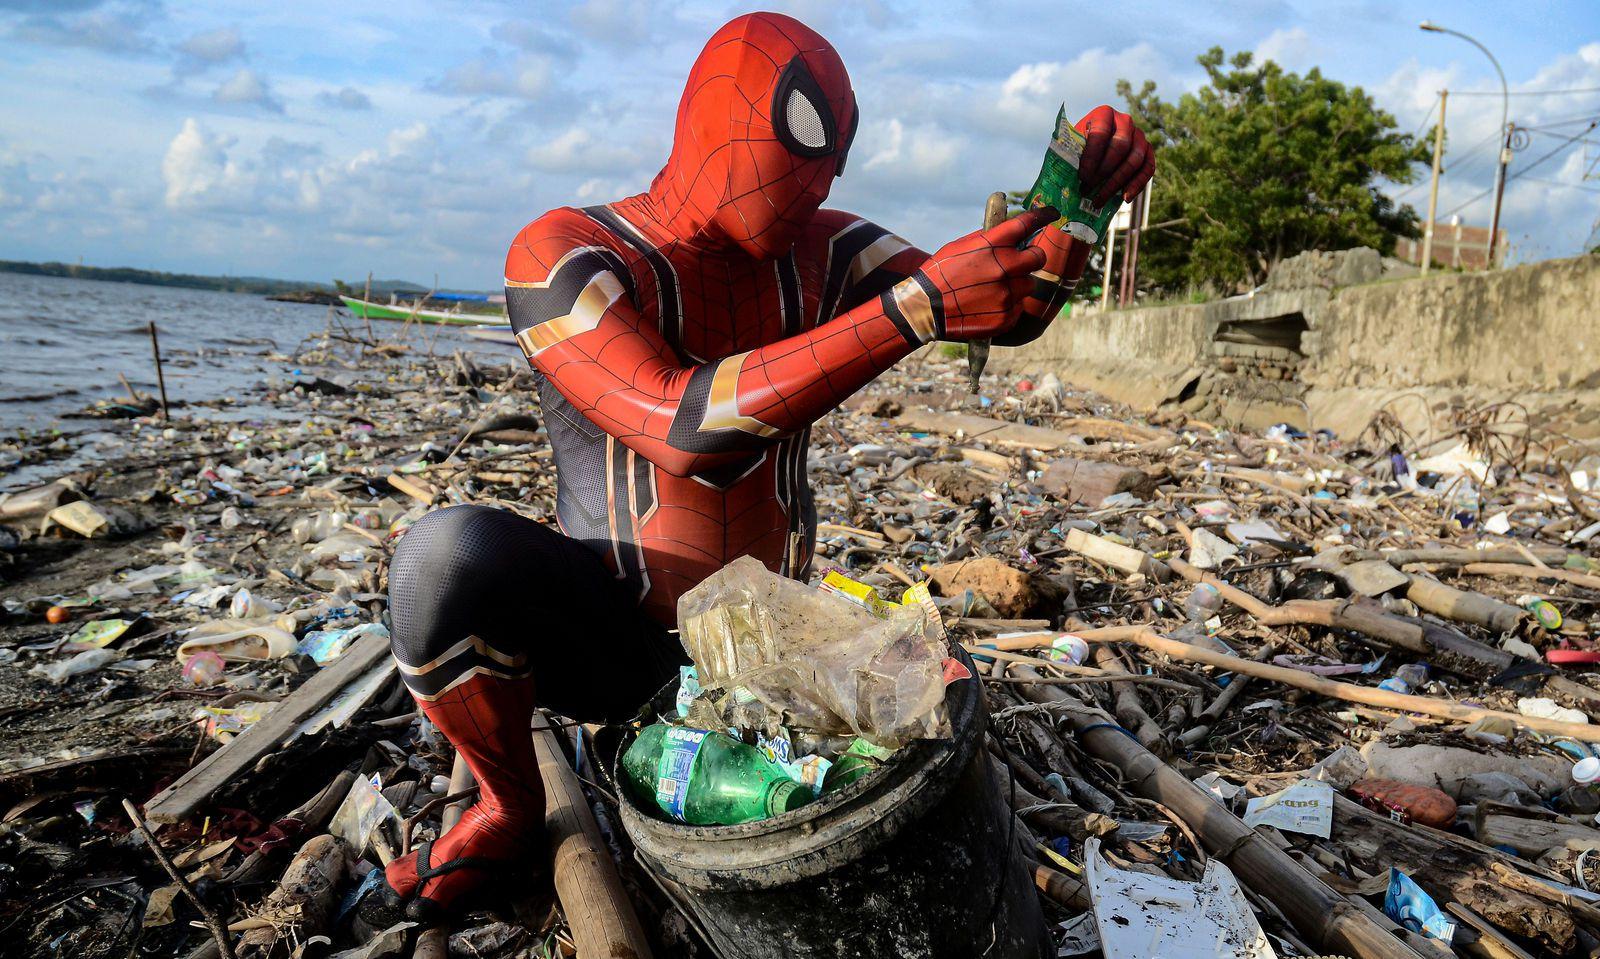 Müll hat Rudi Hartono am Strand von Parepare schon öfter gesammelt. Notiz genommen wurde davon allerdings erst jetzt - weil er ein Spiderman-Kostüm trägt.